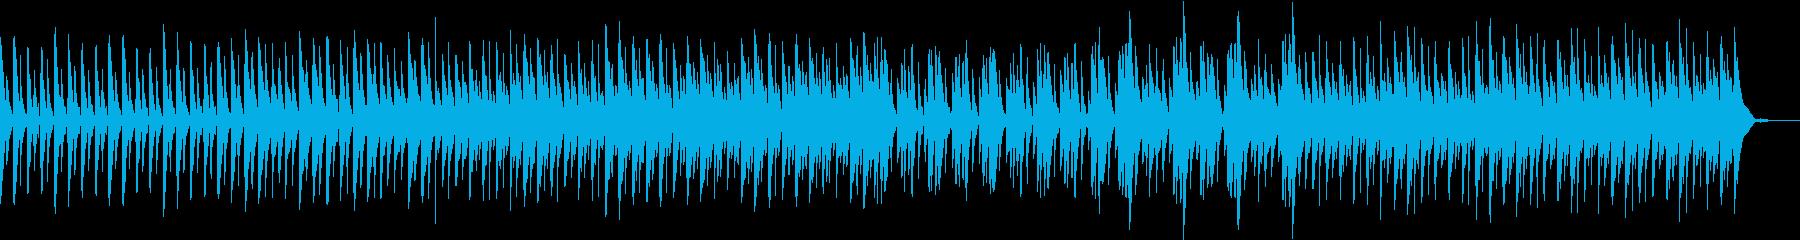 勉強 暗記 学習 まったり ピアノの再生済みの波形